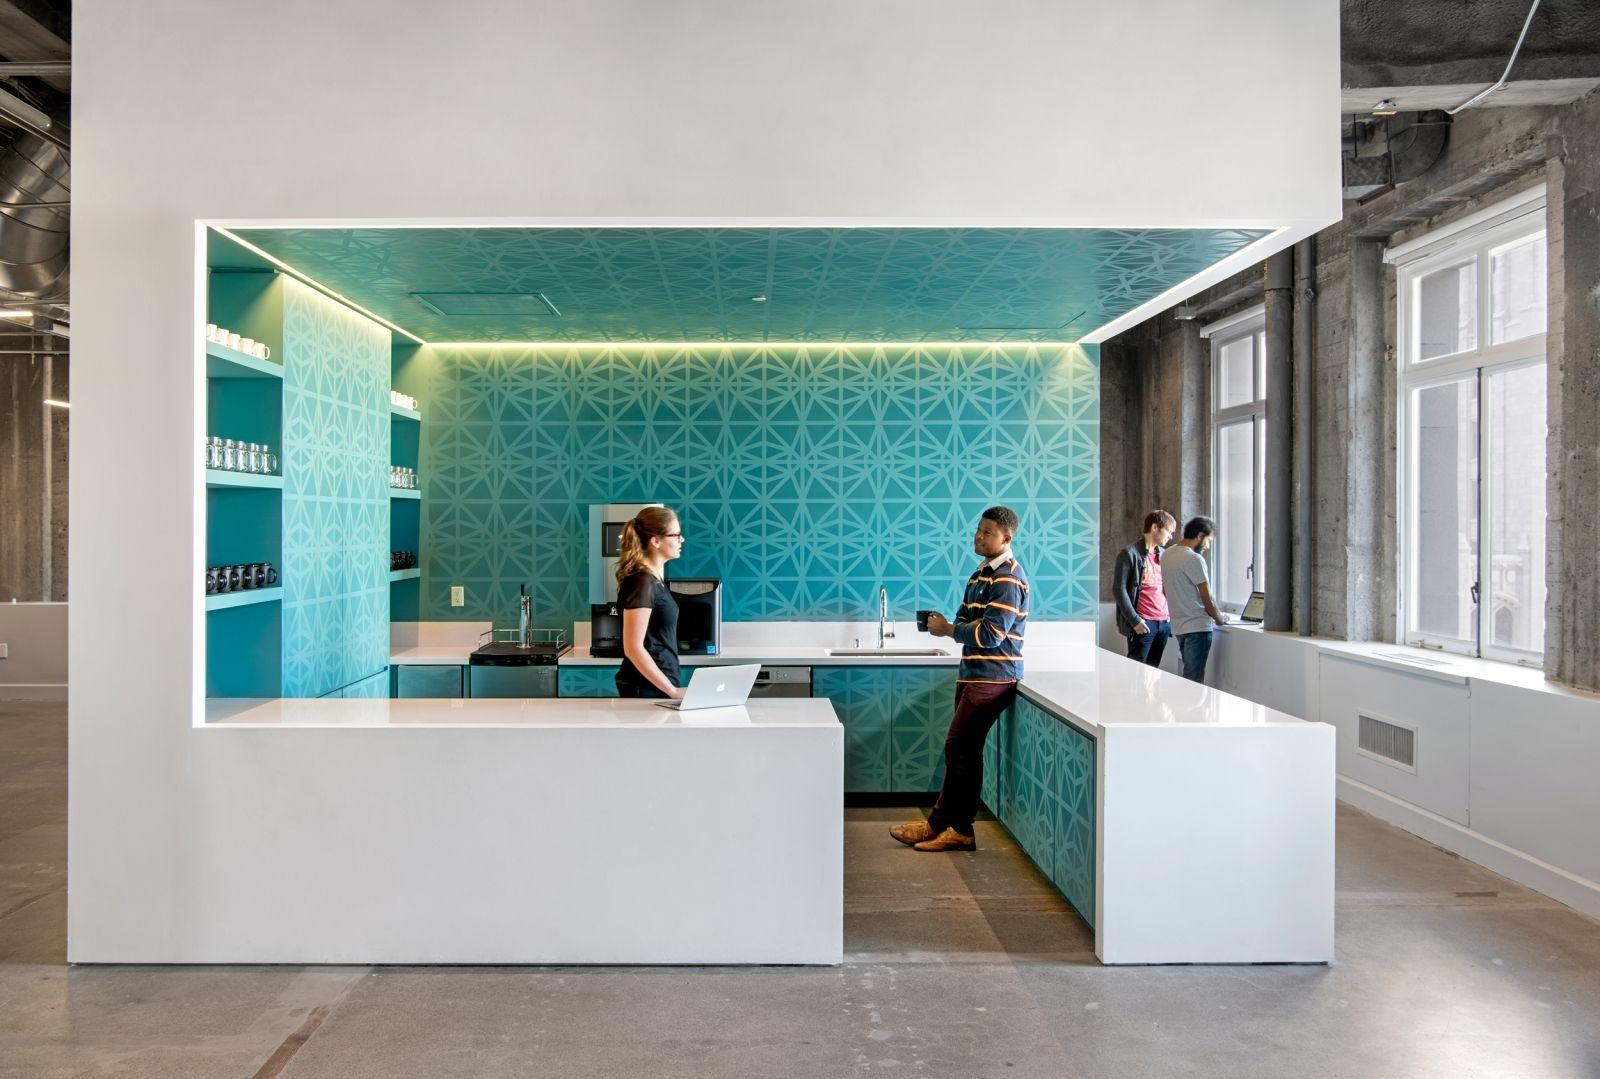 cisco campus studio oa. Saari Sofa #Arper At Cisco Campus, San José CA O+a @oplusa | Office Pinterest Studio, Workplace And Interiors Campus Studio Oa